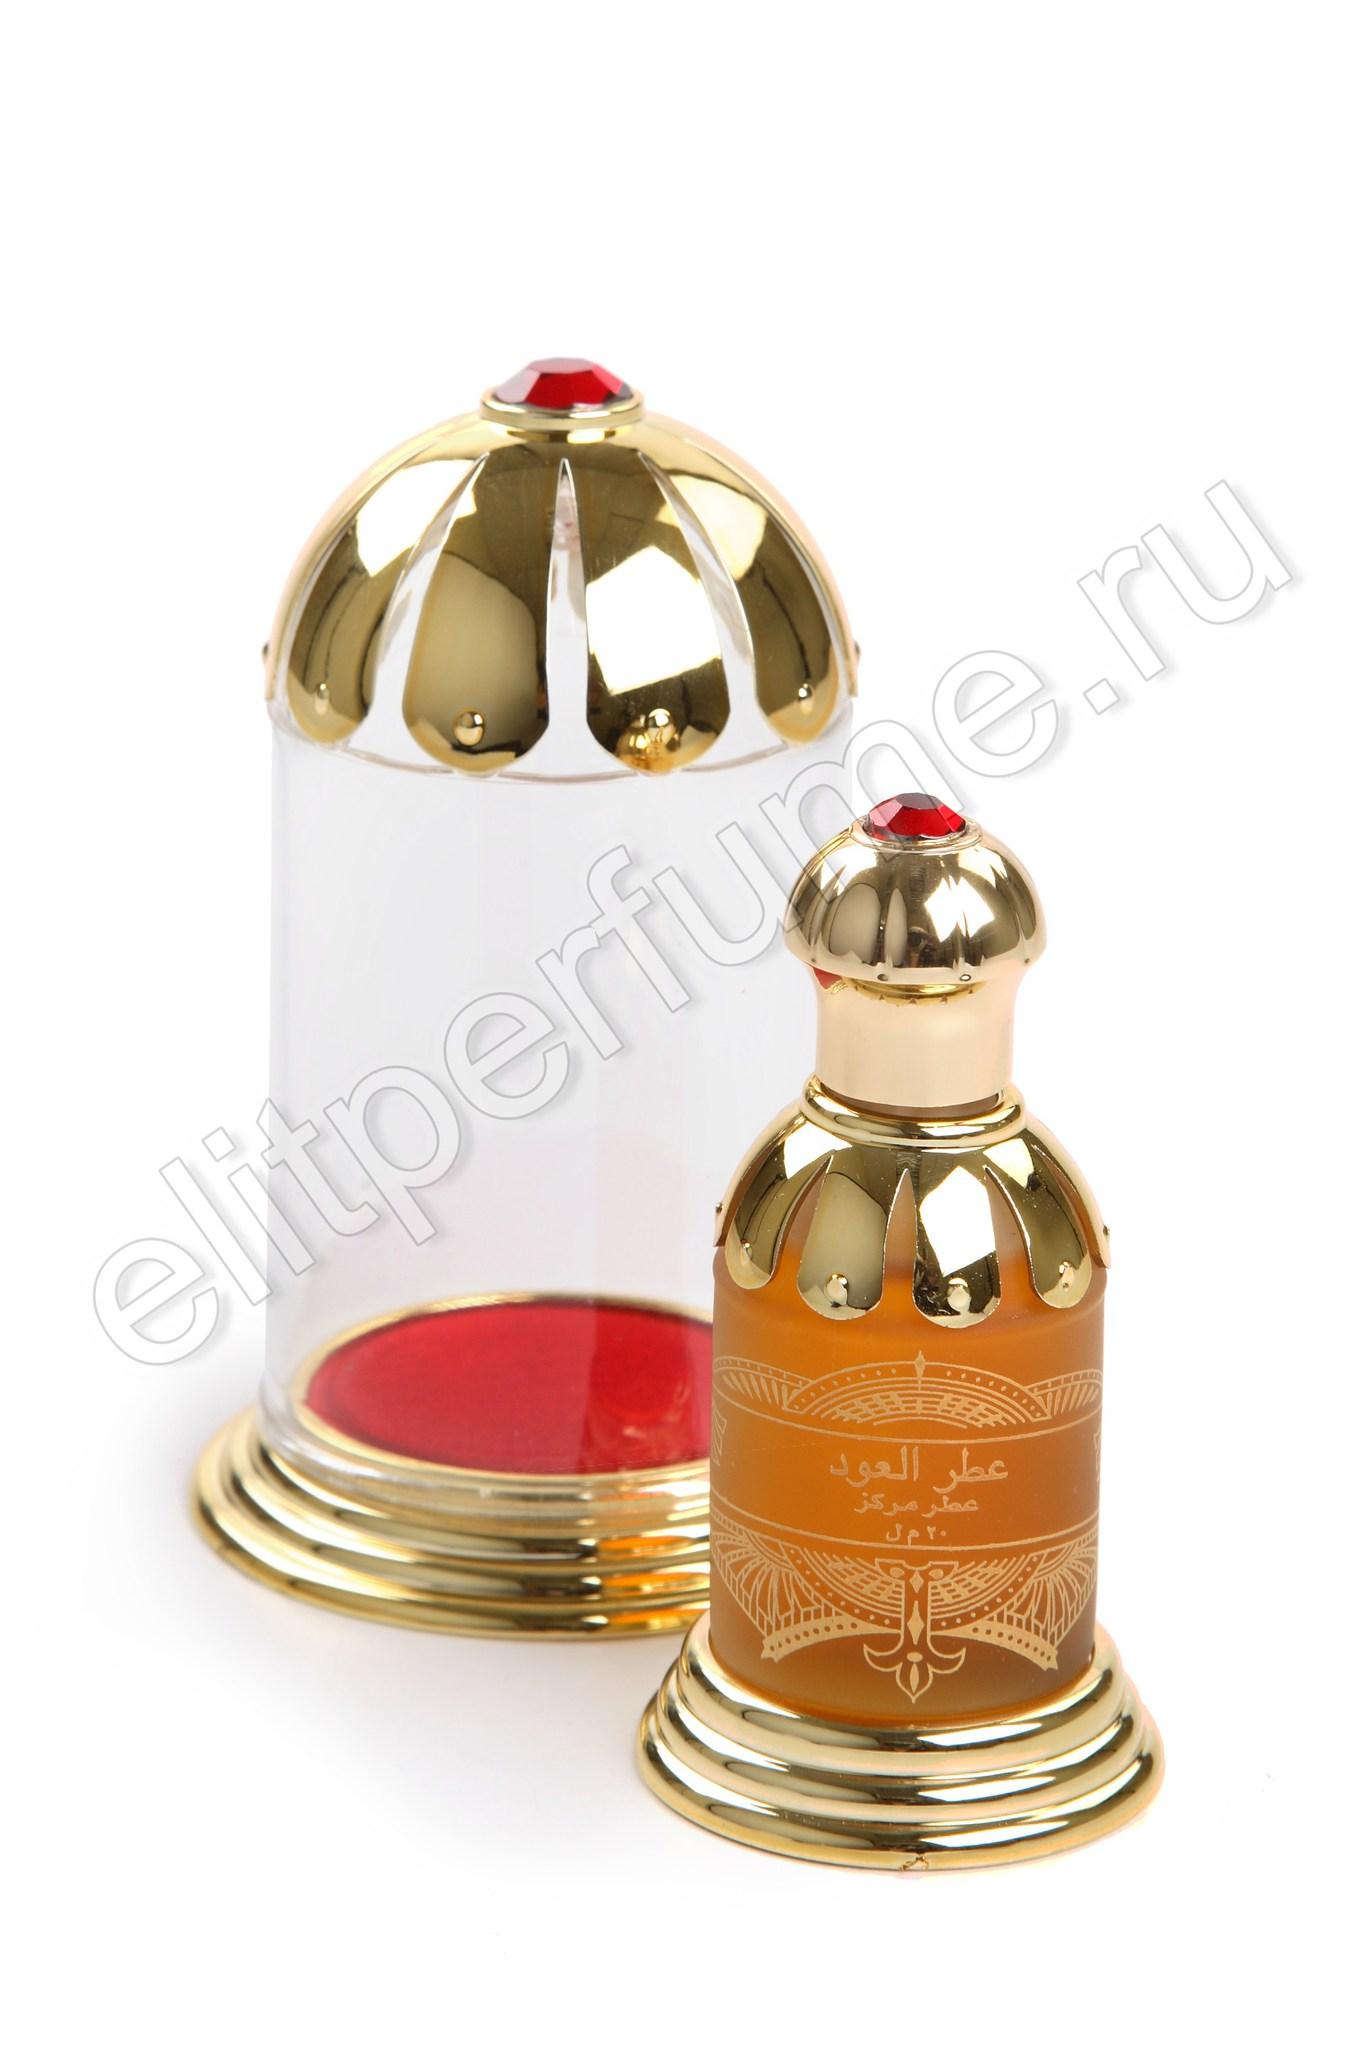 Пробники для арабских духов Аттар Аль-Уд Attar Al Ood 1 мл арабские масляные духи от Расаси Rasasi Perfumes